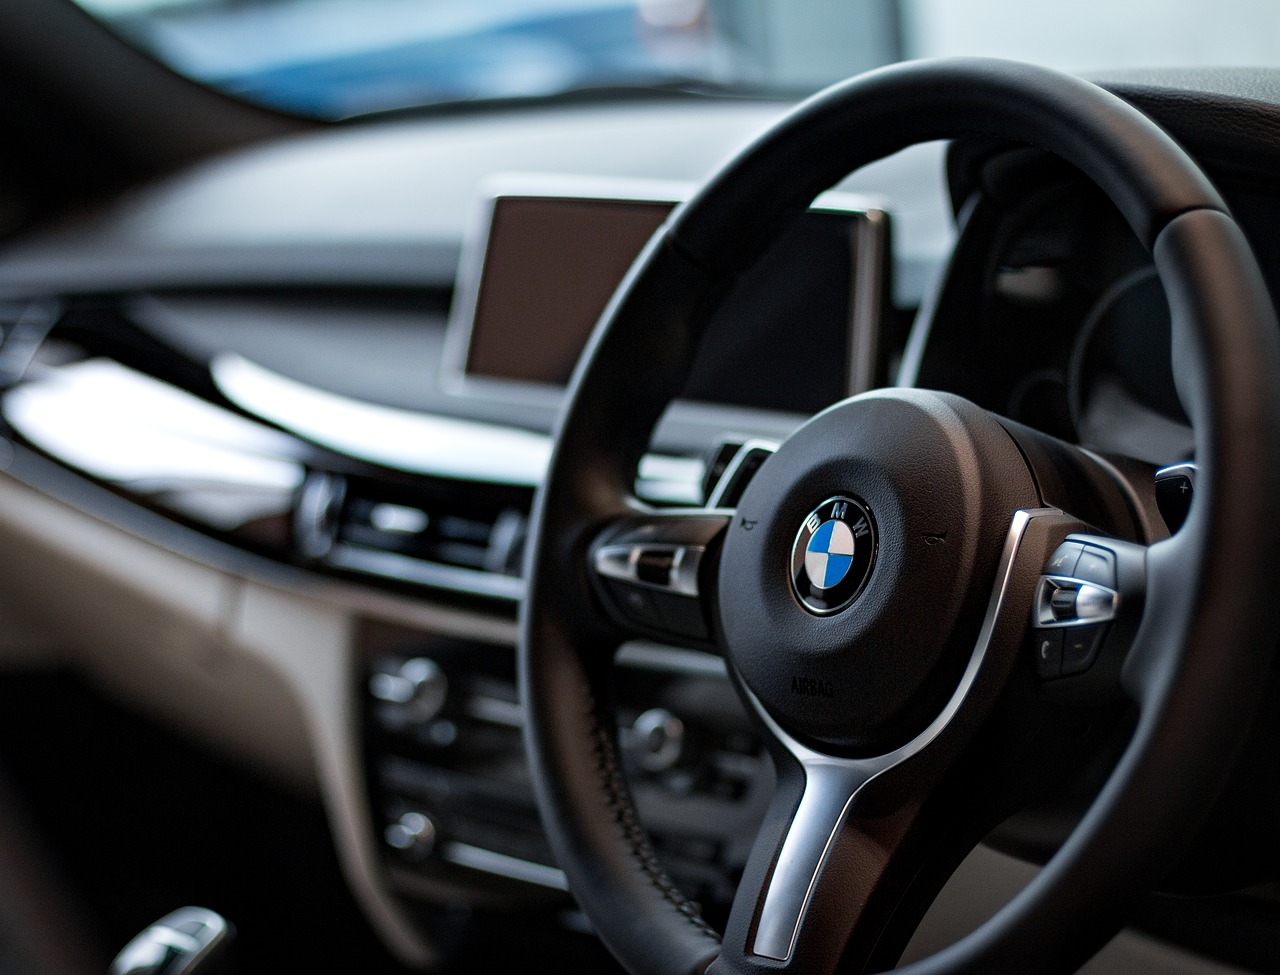 Jak zabezpieczyć samochód luksusowy przez kradzieżą?